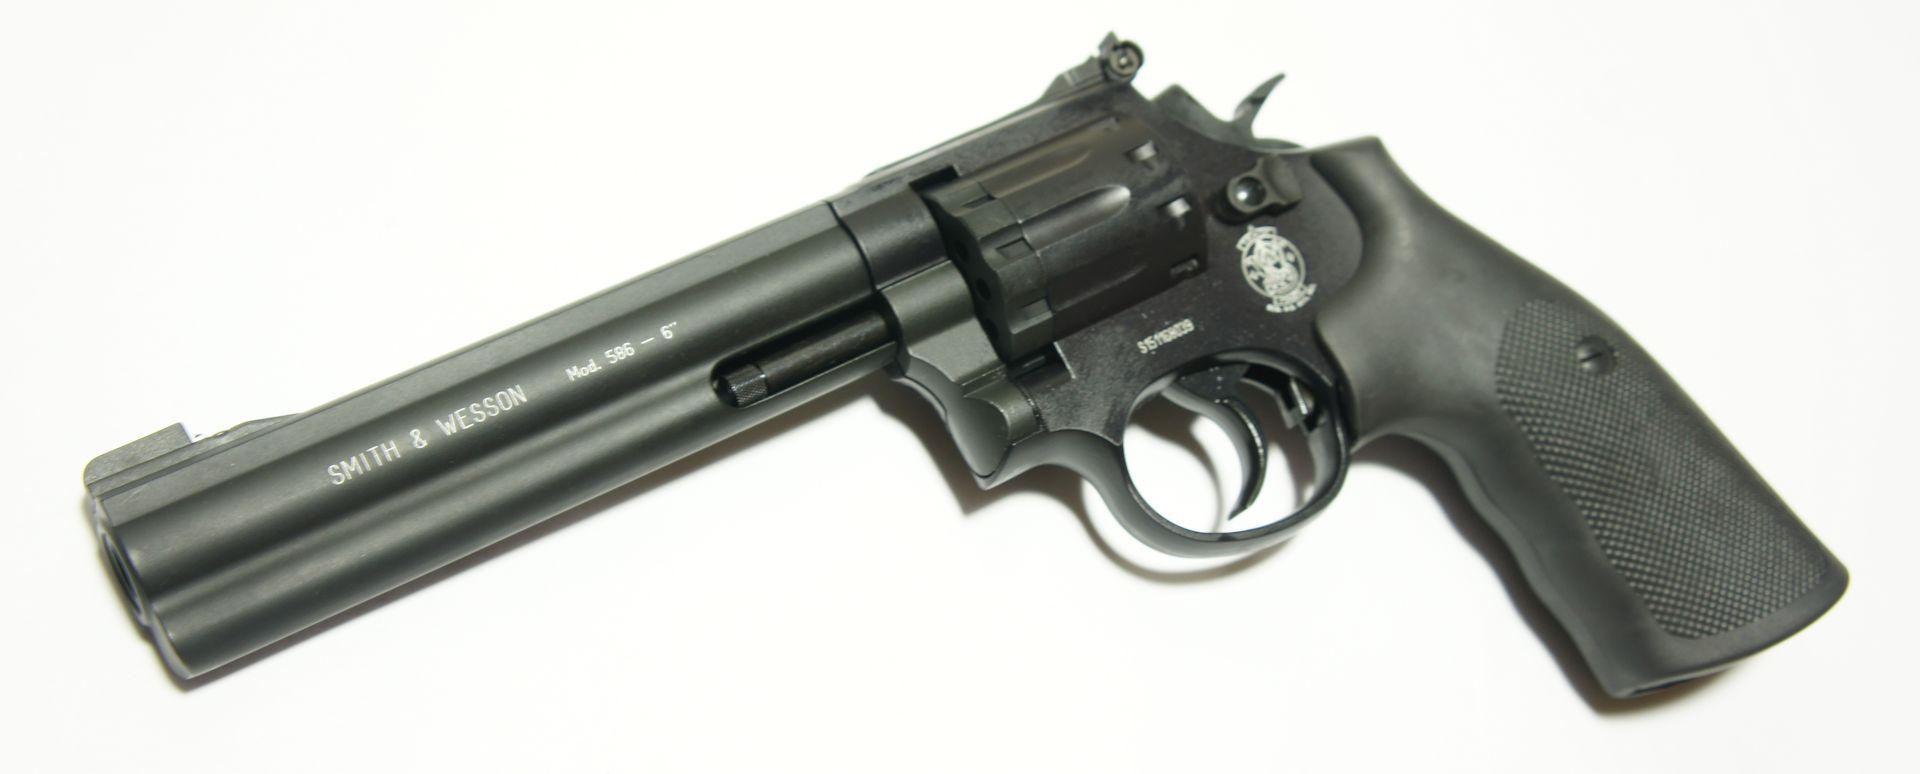 CO2 Revolver Smith & Wesson 586 von vorne